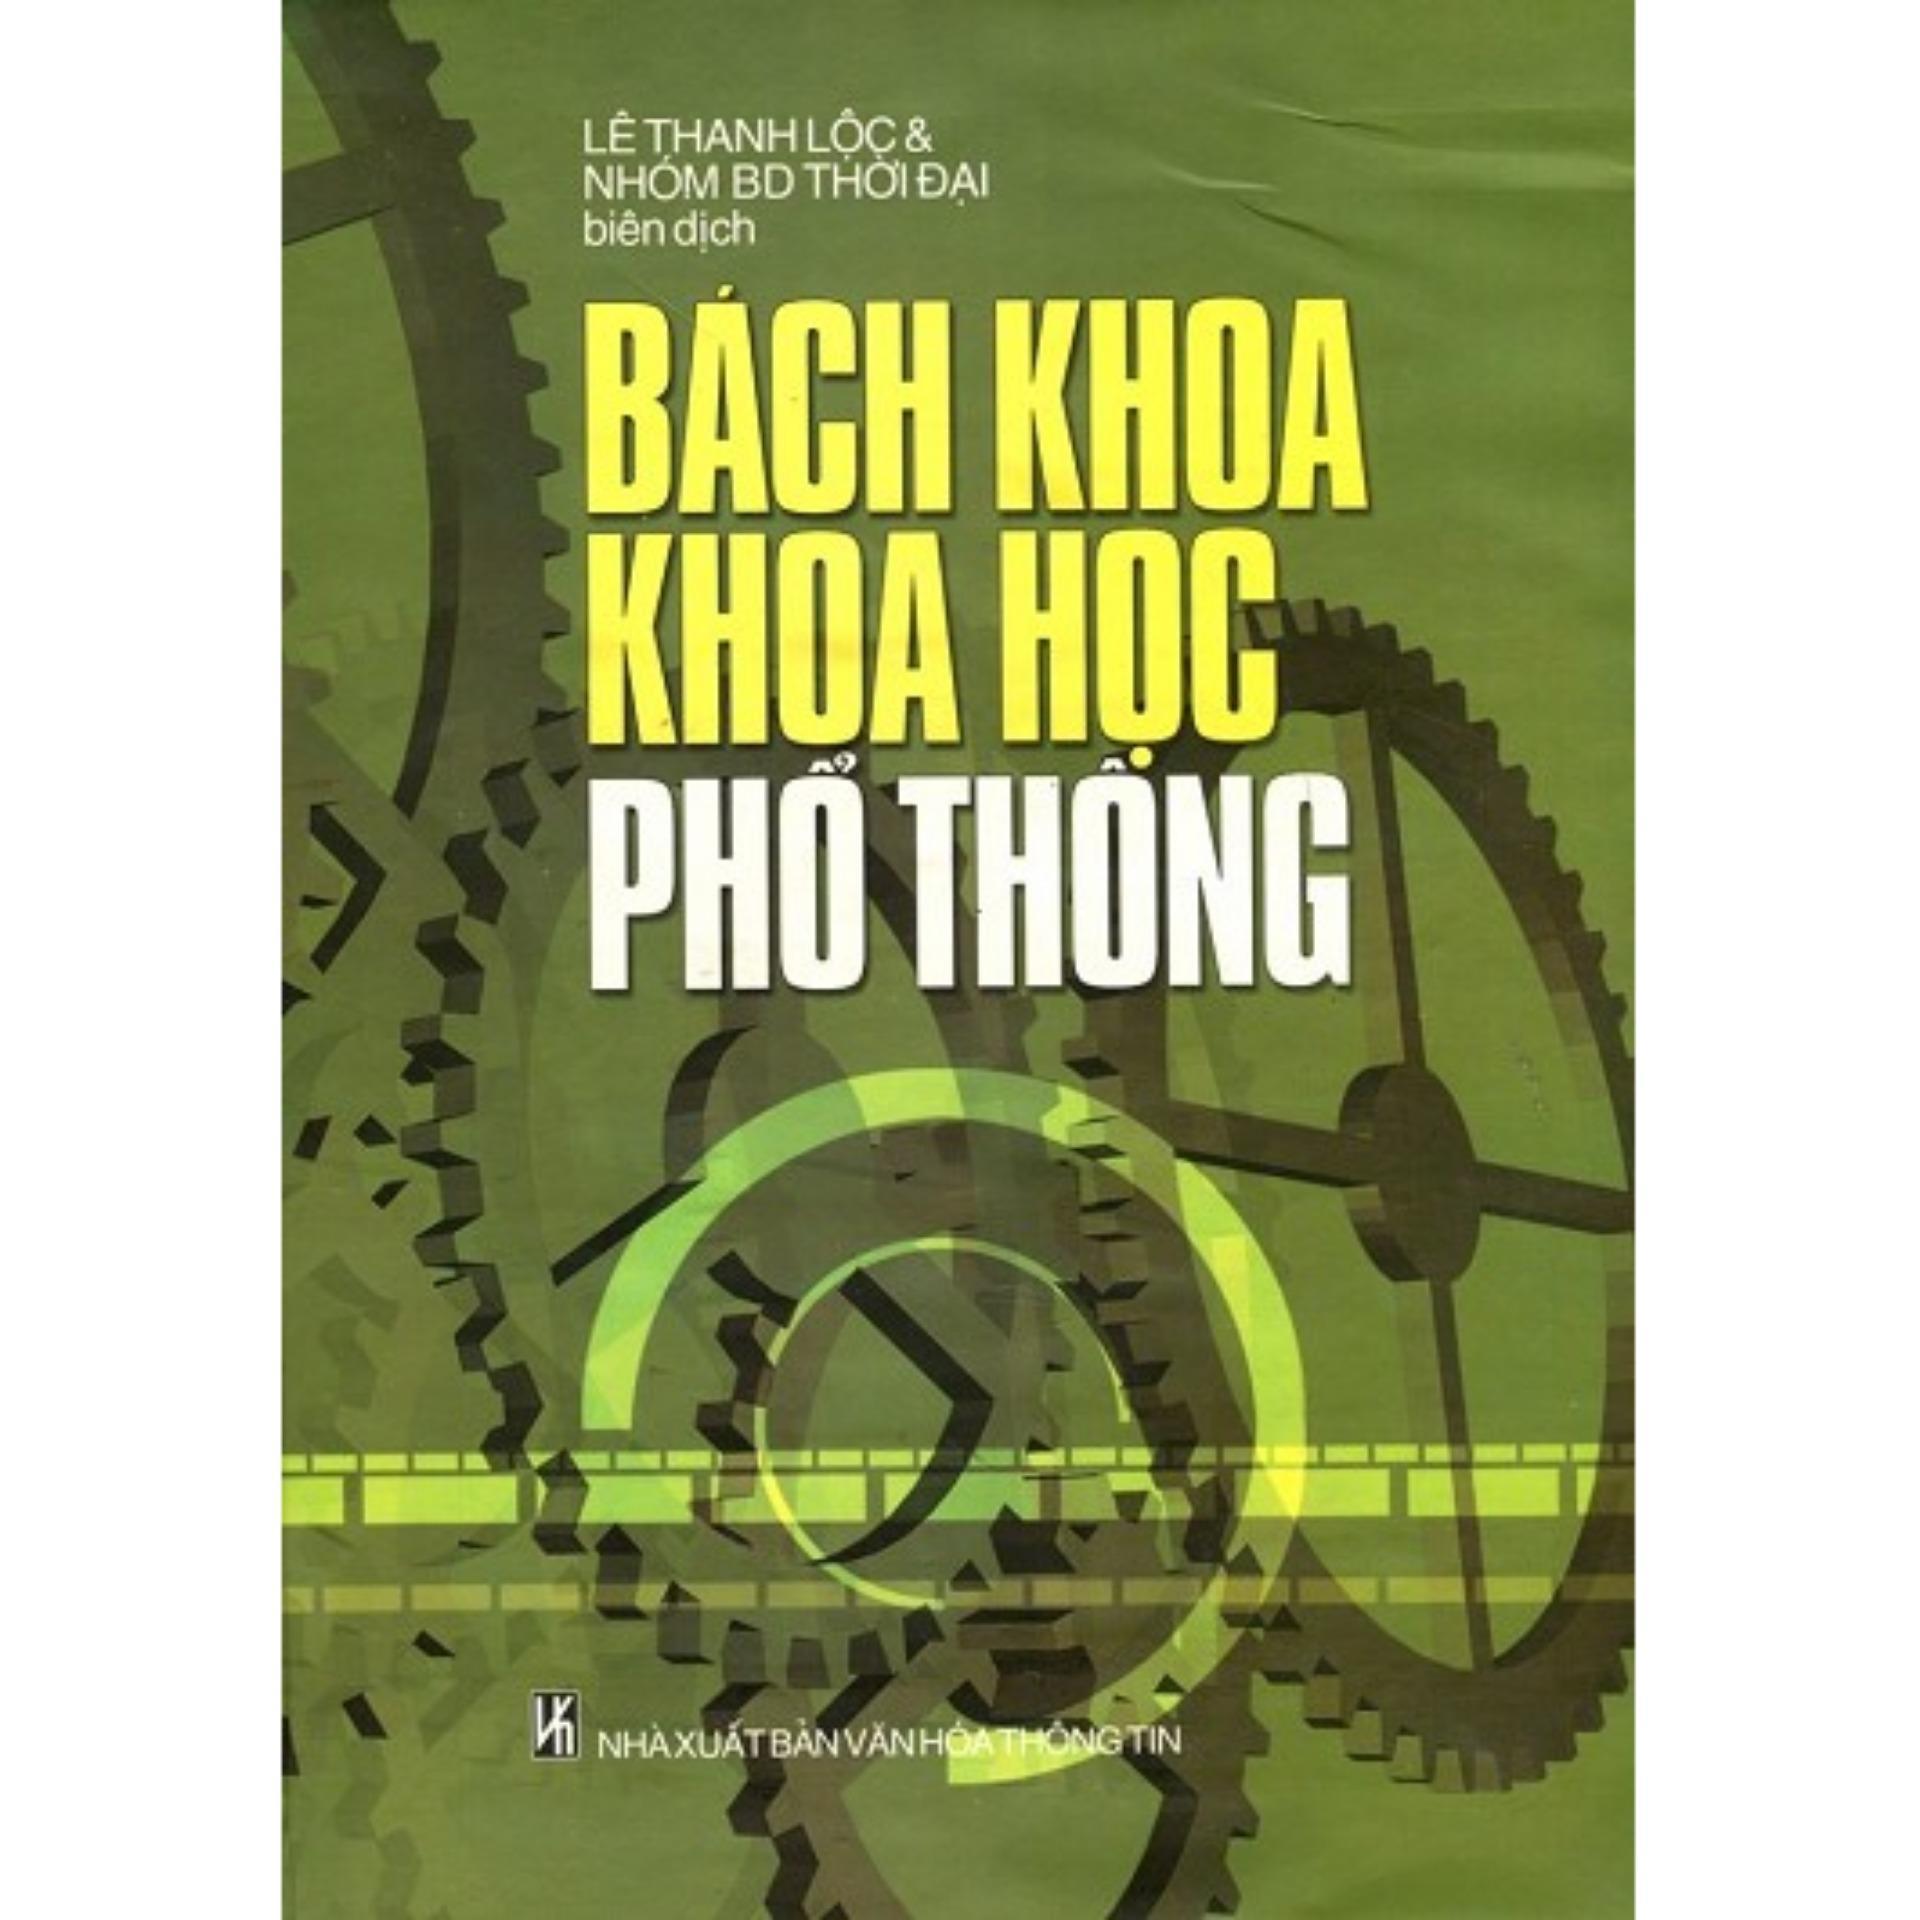 Bán Bach Khoa Khoa Học Phổ Thong Có Thương Hiệu Rẻ